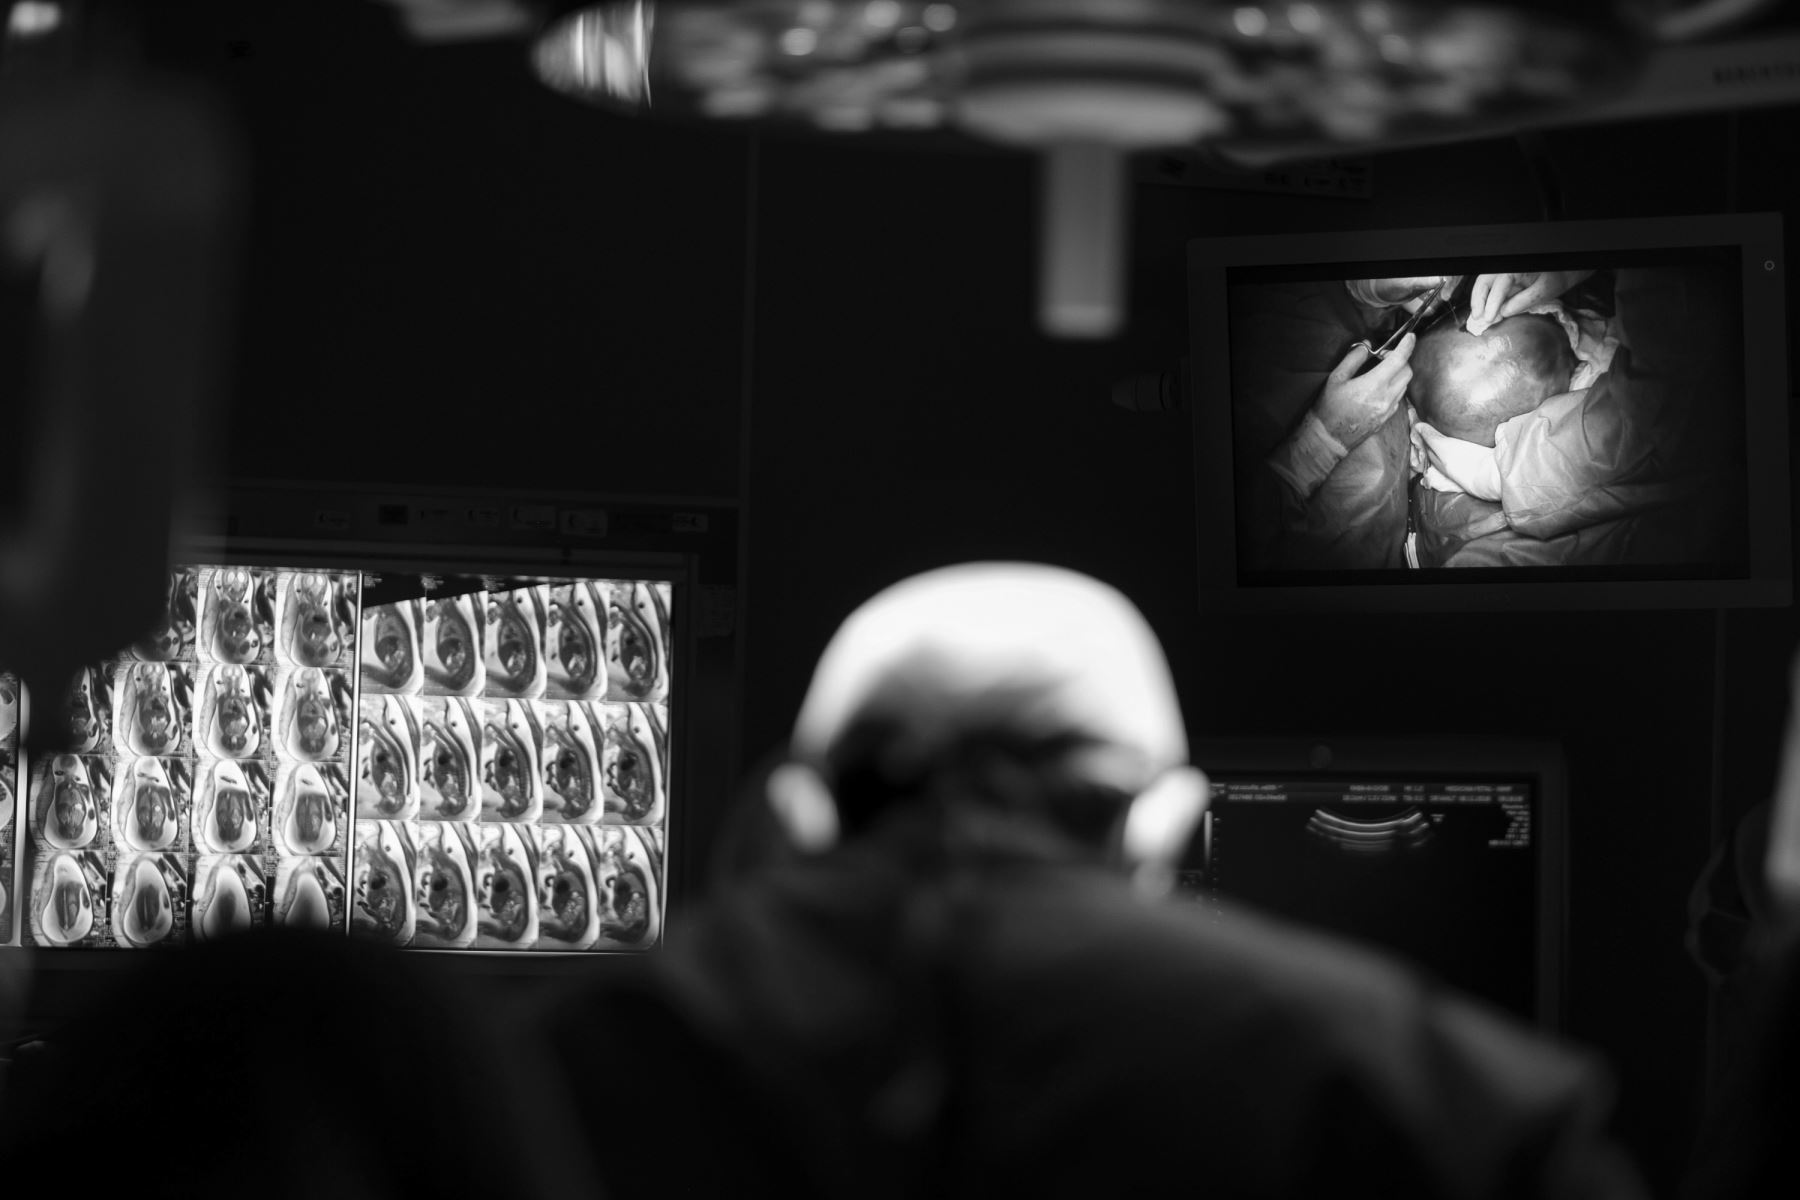 Los cirujanos están a punto de exteriorizar el útero por completo, es uno de los momentos más inquietantes de la cirugía. Foto: Ministerio de Salud/ Miguel Mejía